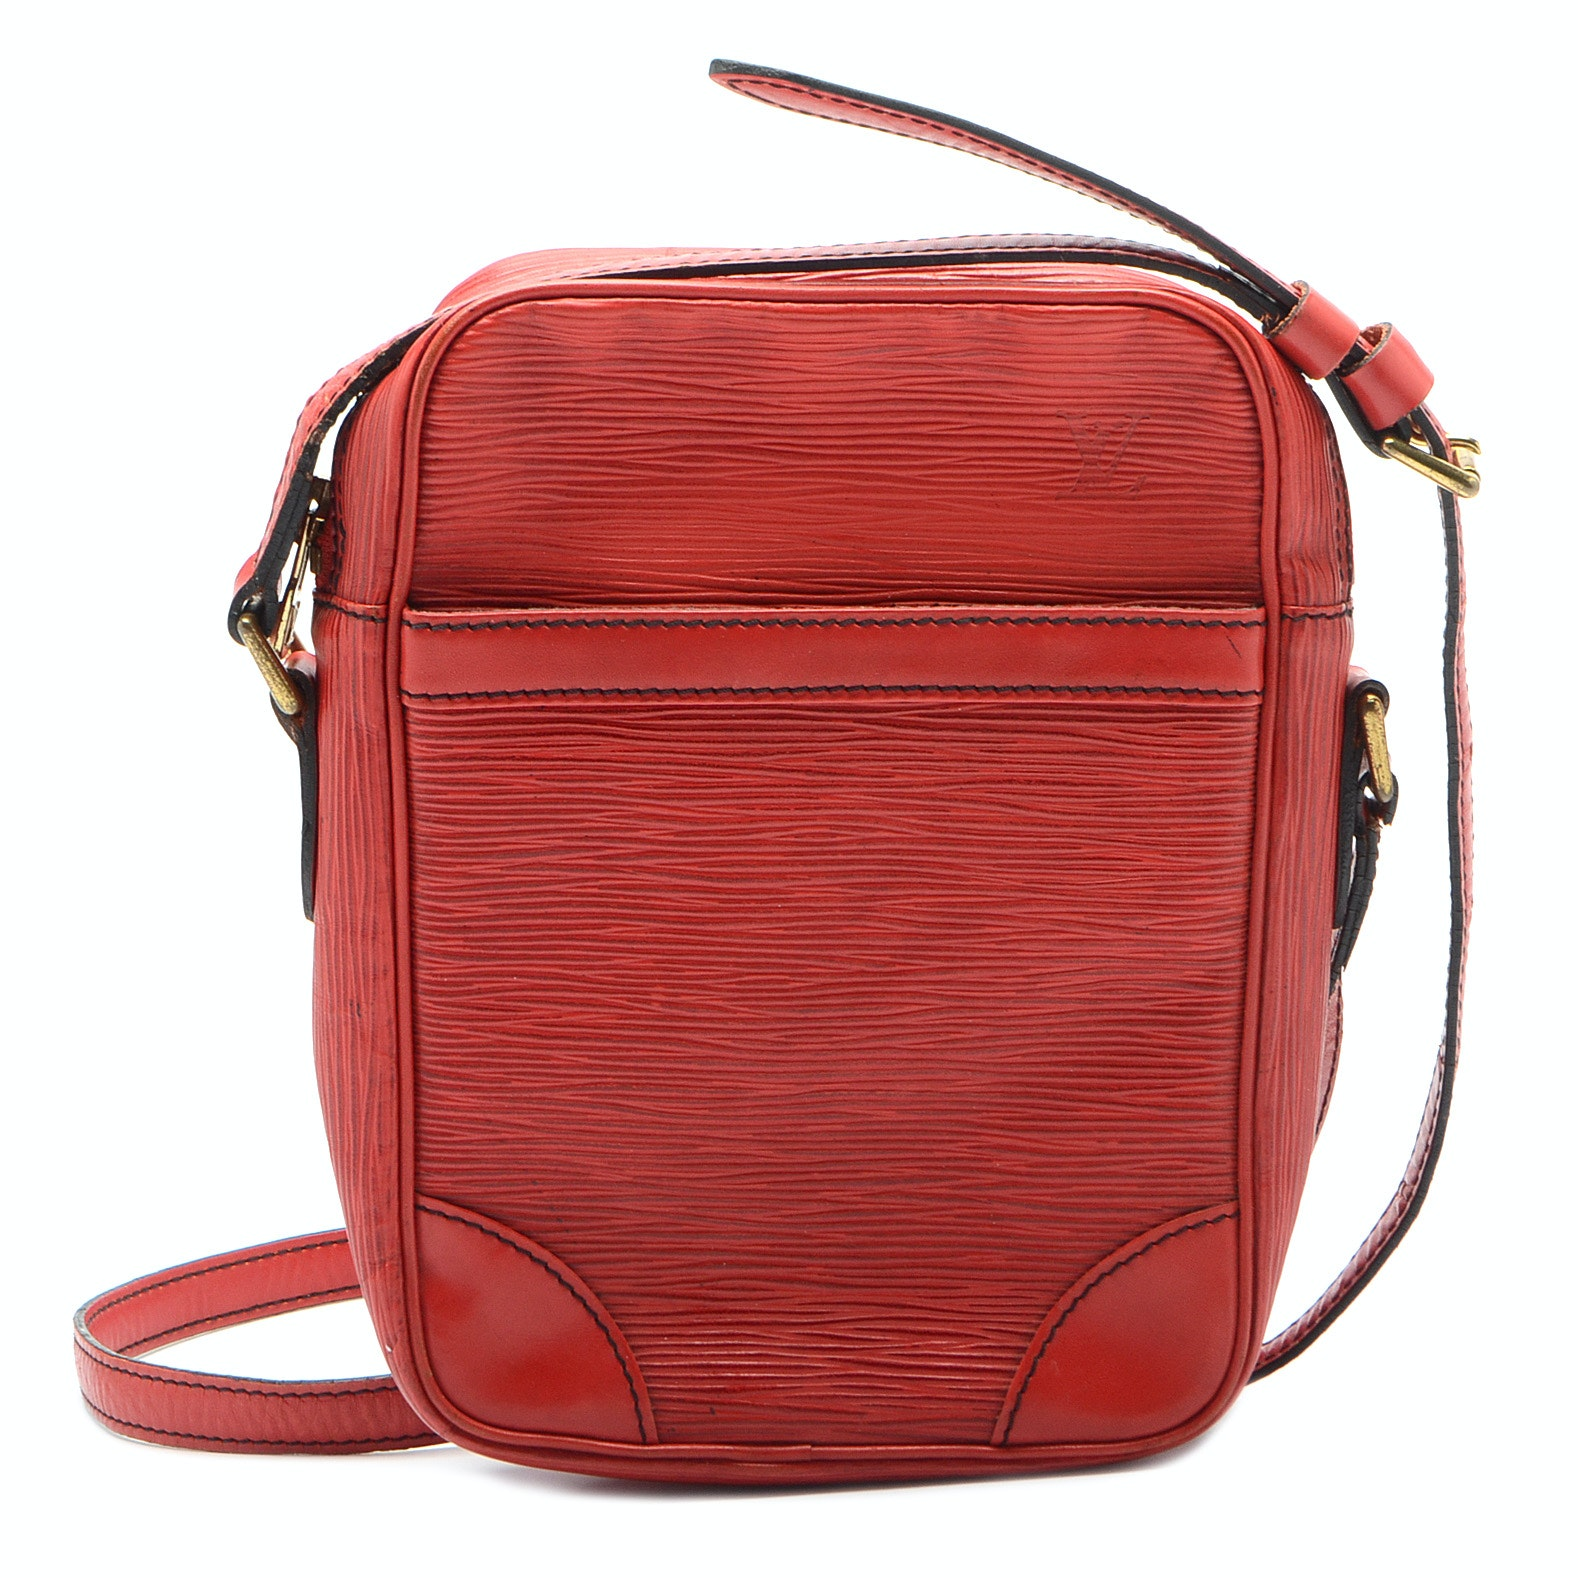 Louis Vuitton Red Epi Petit Noe Handbag